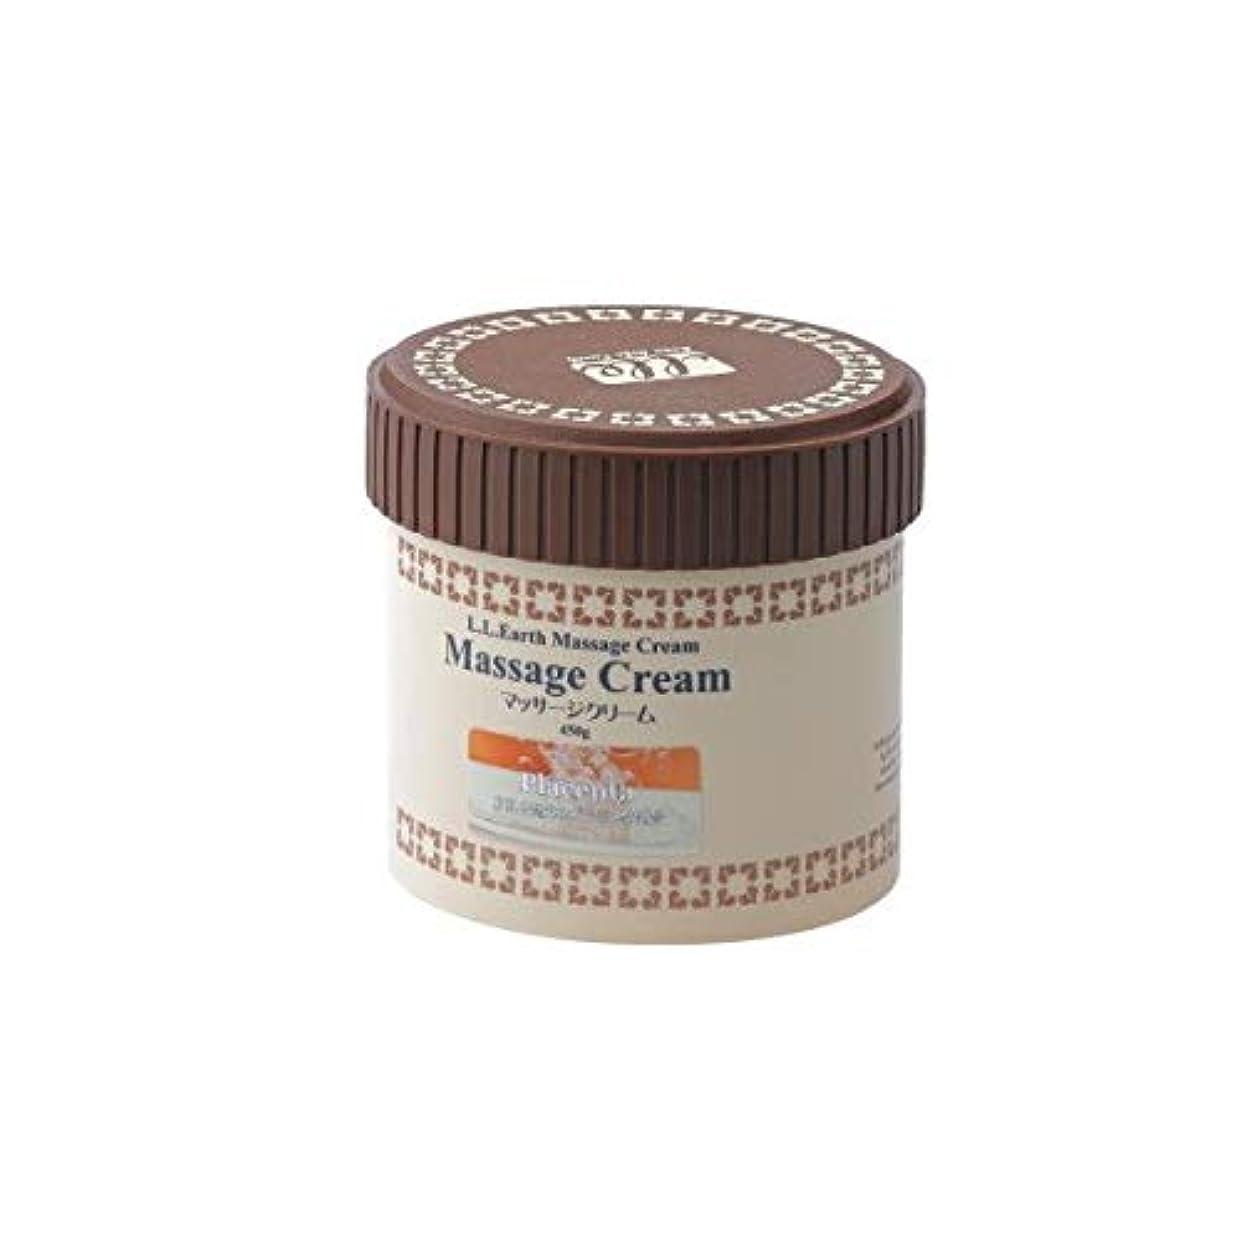 フリッパー自明接尾辞LLE ミネラルマッサージクリーム 業務用 450g (プラセンタ) マッサージクリーム エステ用品 サロン用品 リラクゼーション